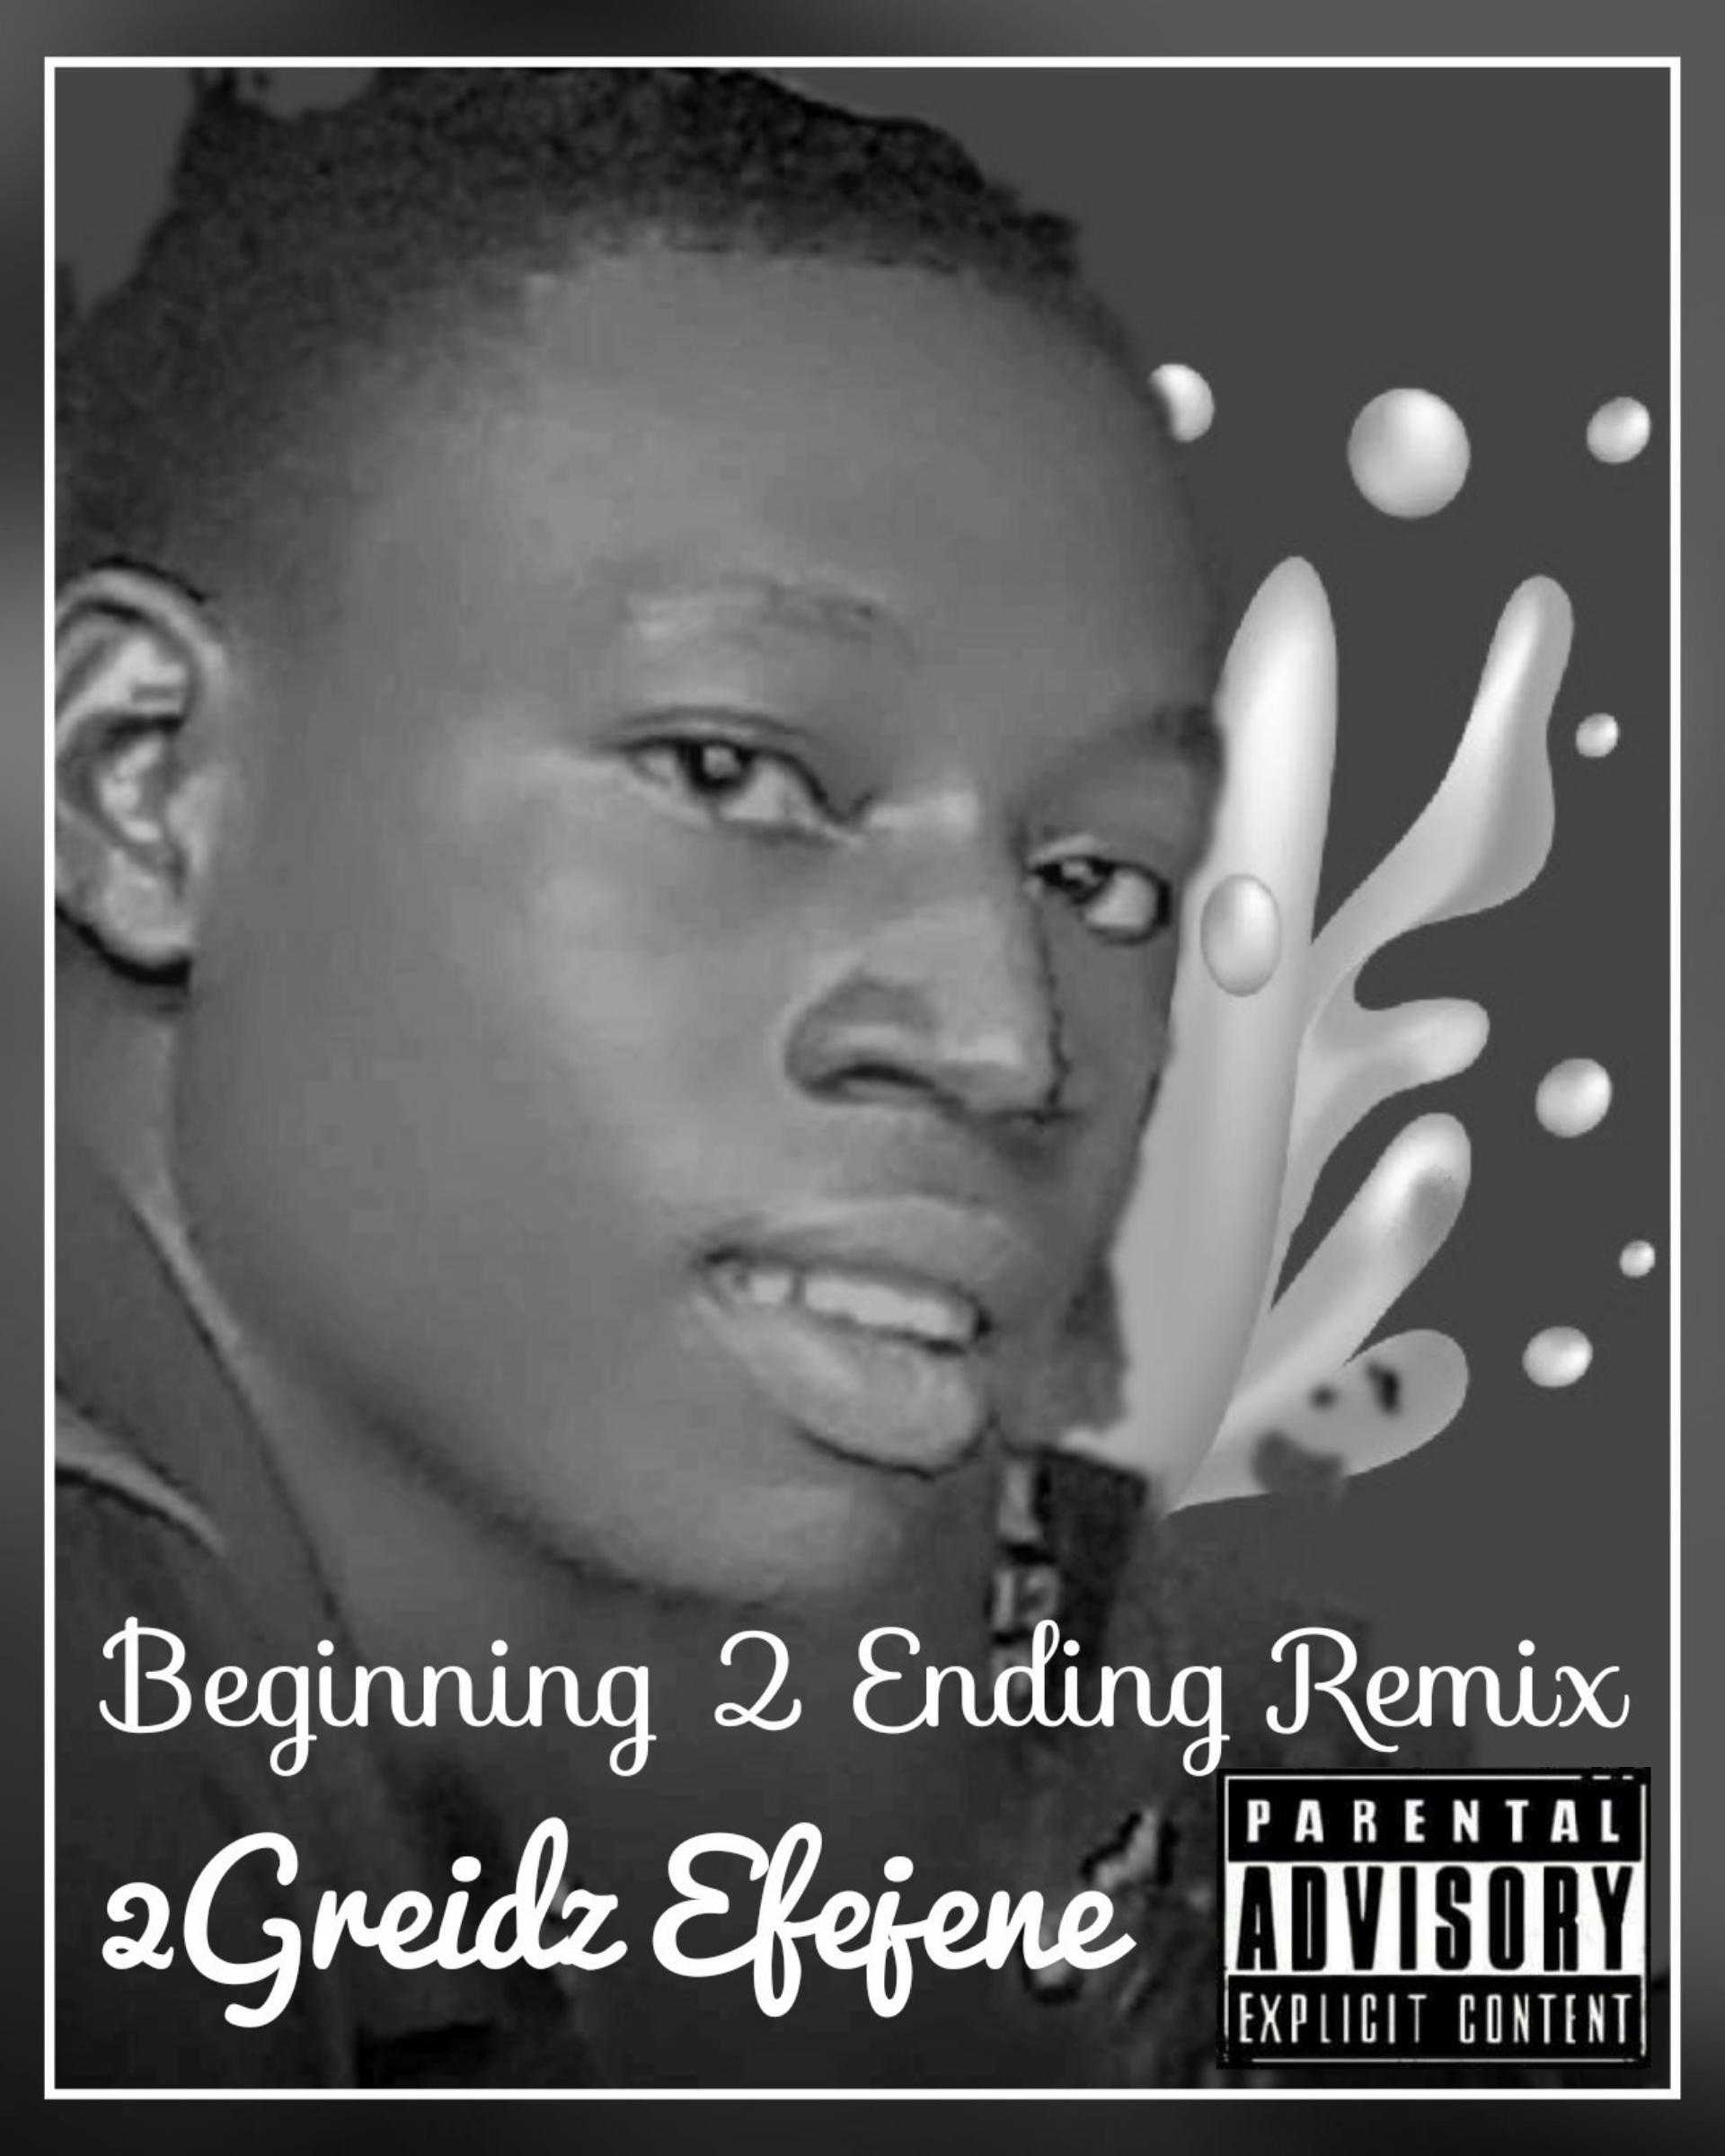 2Grade Efejene - Beginning 2 Ending Remix Of 2Greidz(2Grade Efejene)